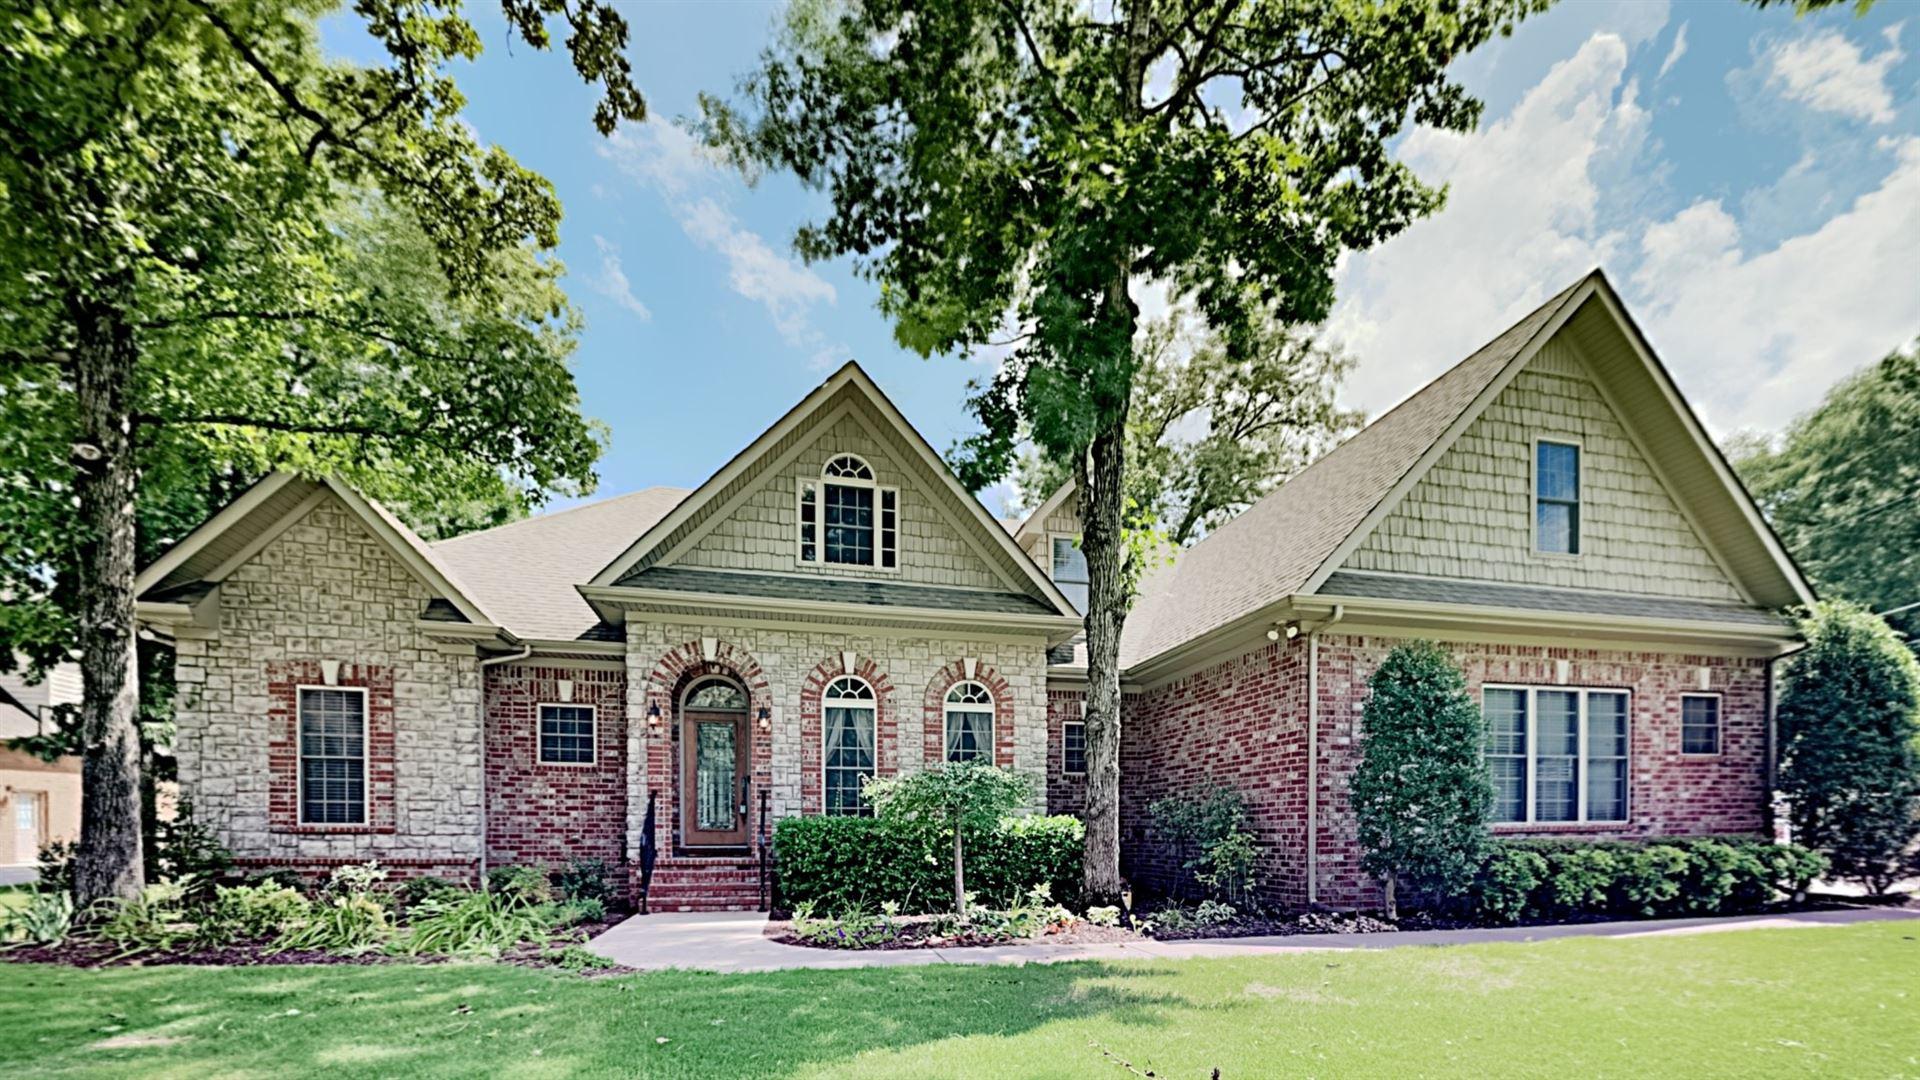 4531 Tombee Ct, Murfreesboro, TN 37128 - MLS#: 2273413